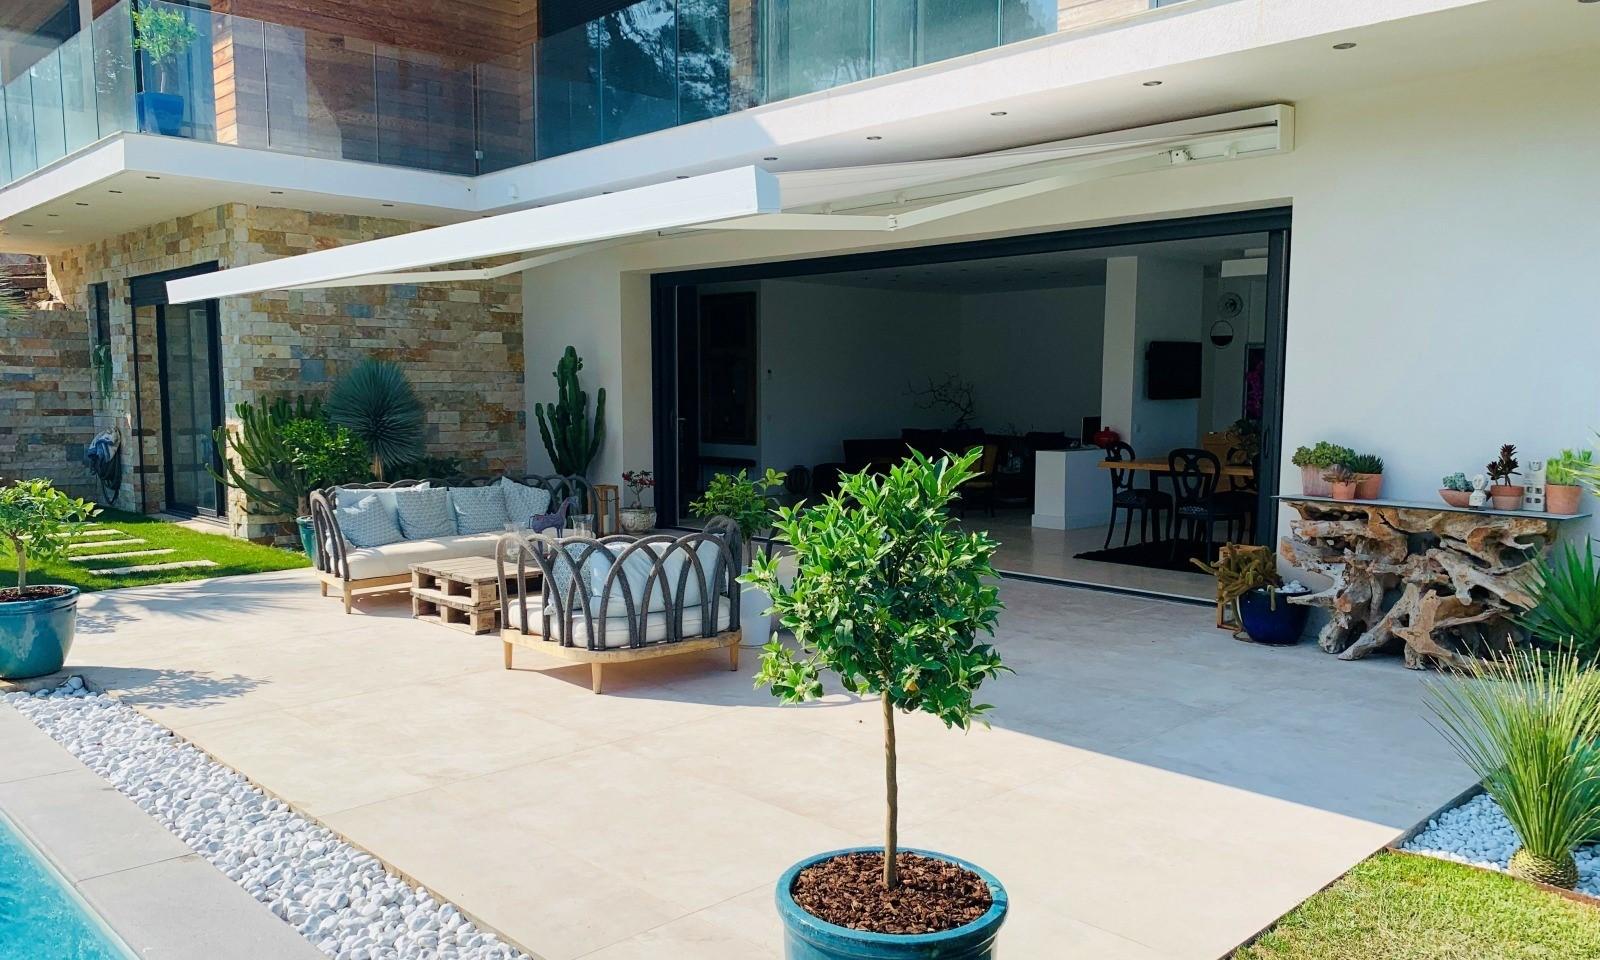 Comment Aménager Son Jardin En Pente les possibilités d'aménagement extérieur - store, pergola